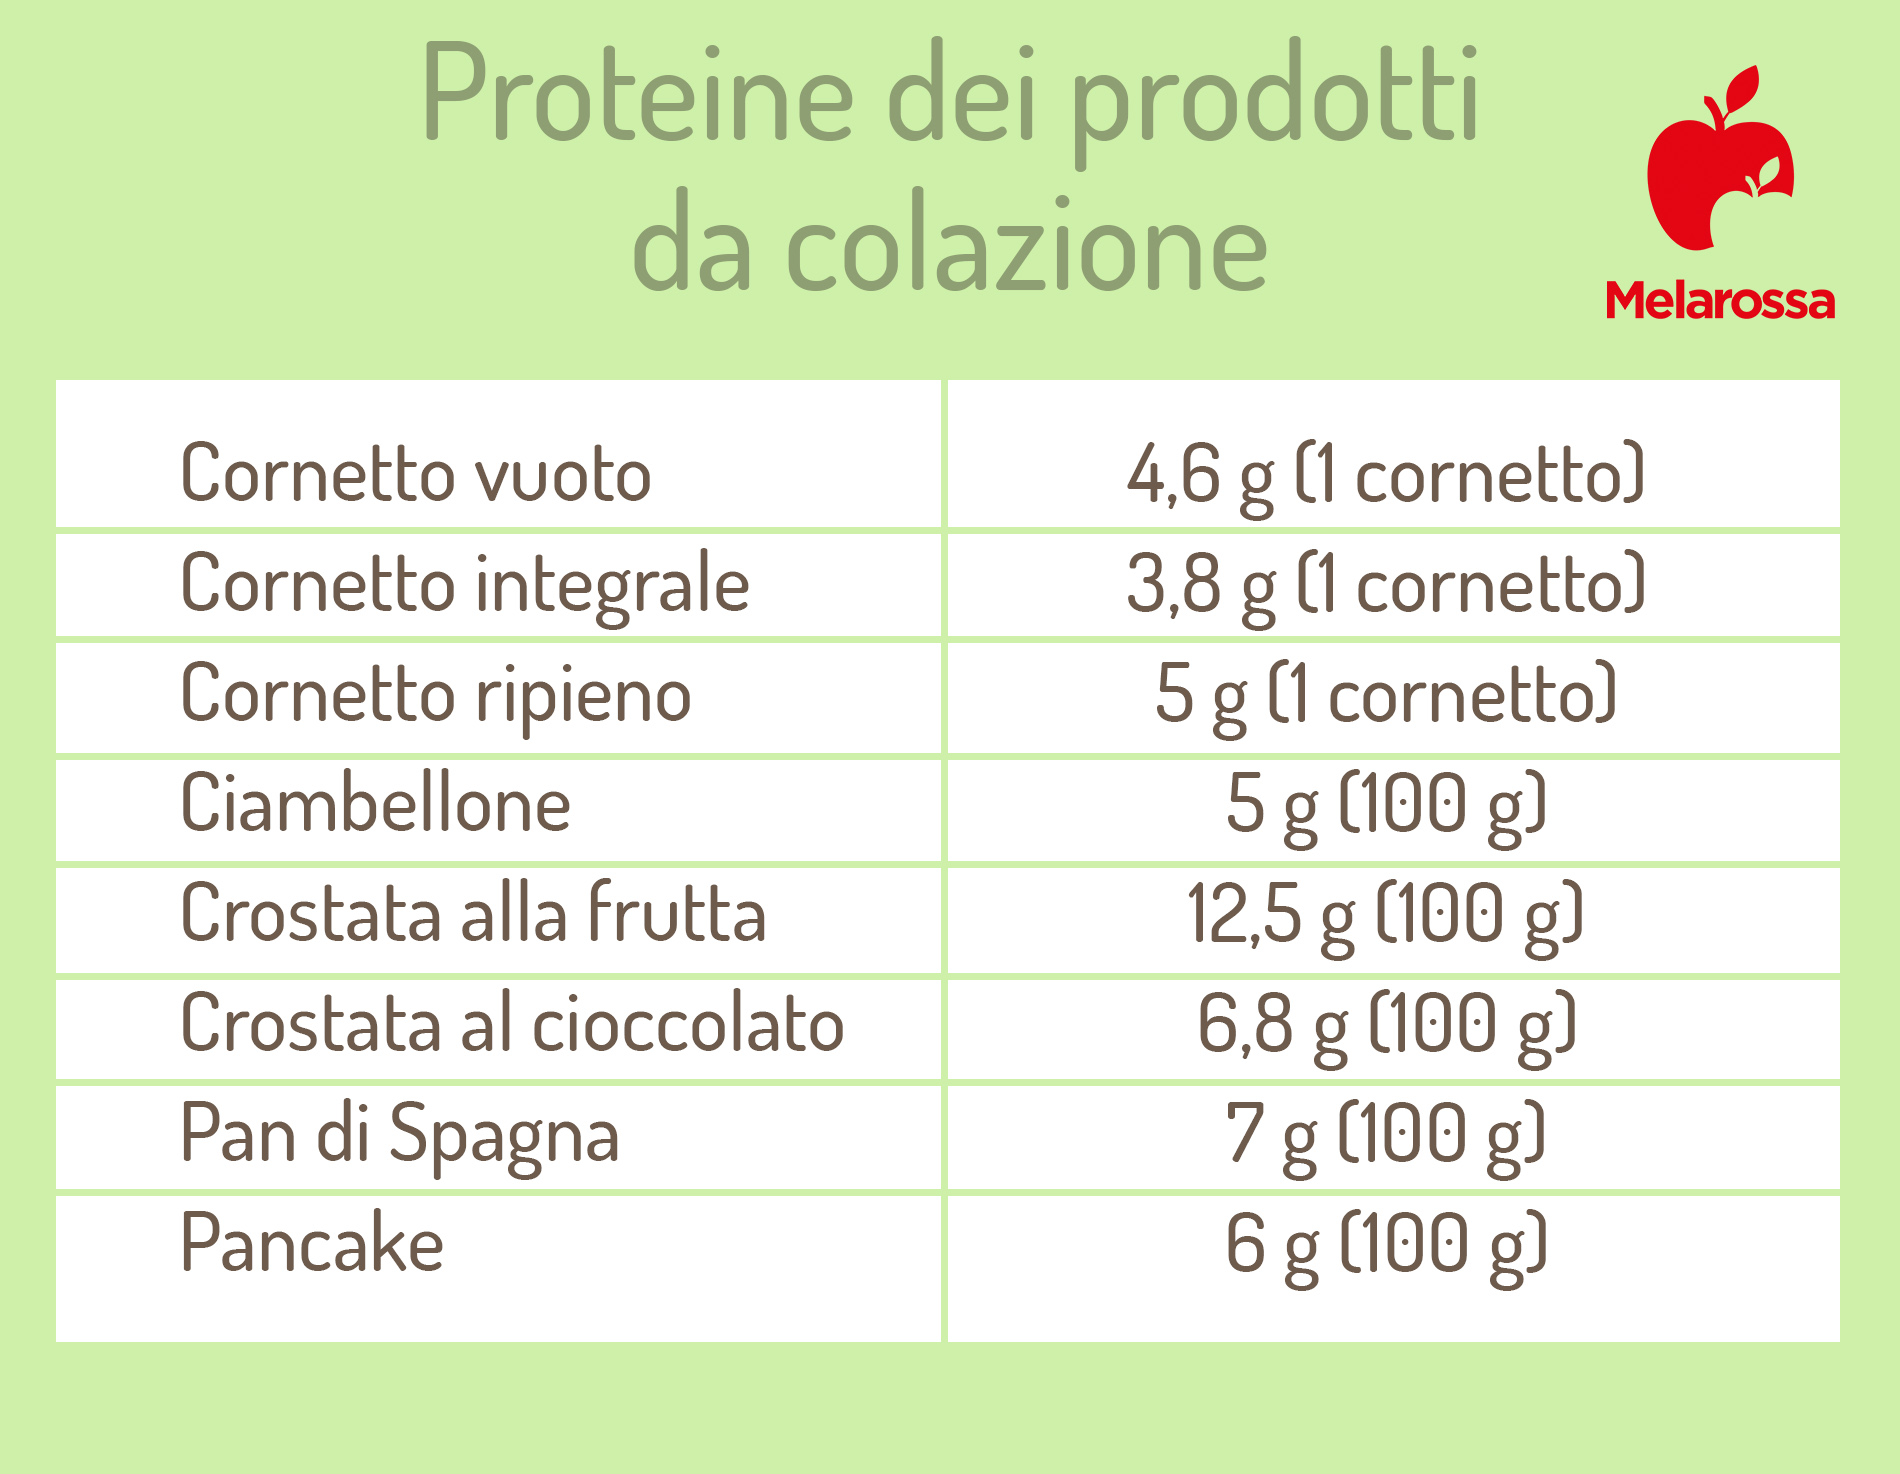 guida sulle proteine: le proteine dei prodotti della colazione